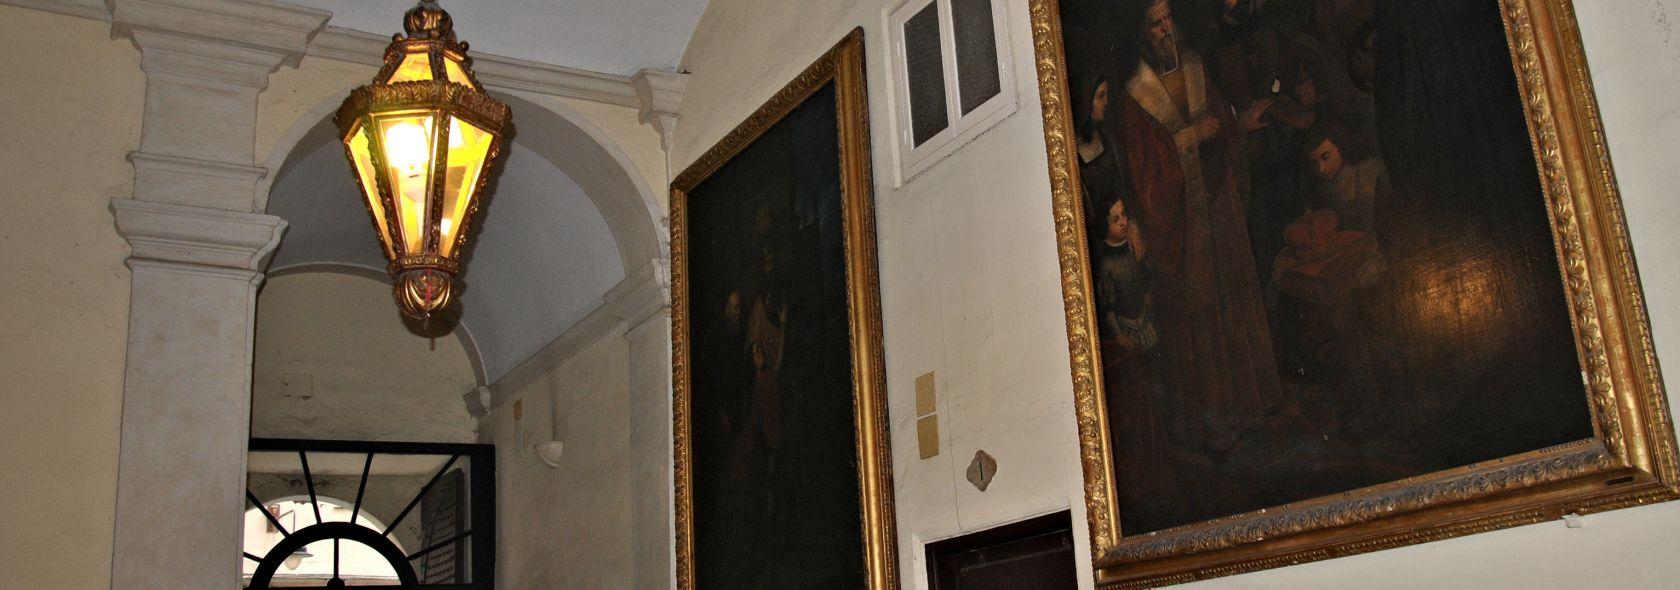 Palazzo De Marini Croce - atrio - © Foto Camilla Severino